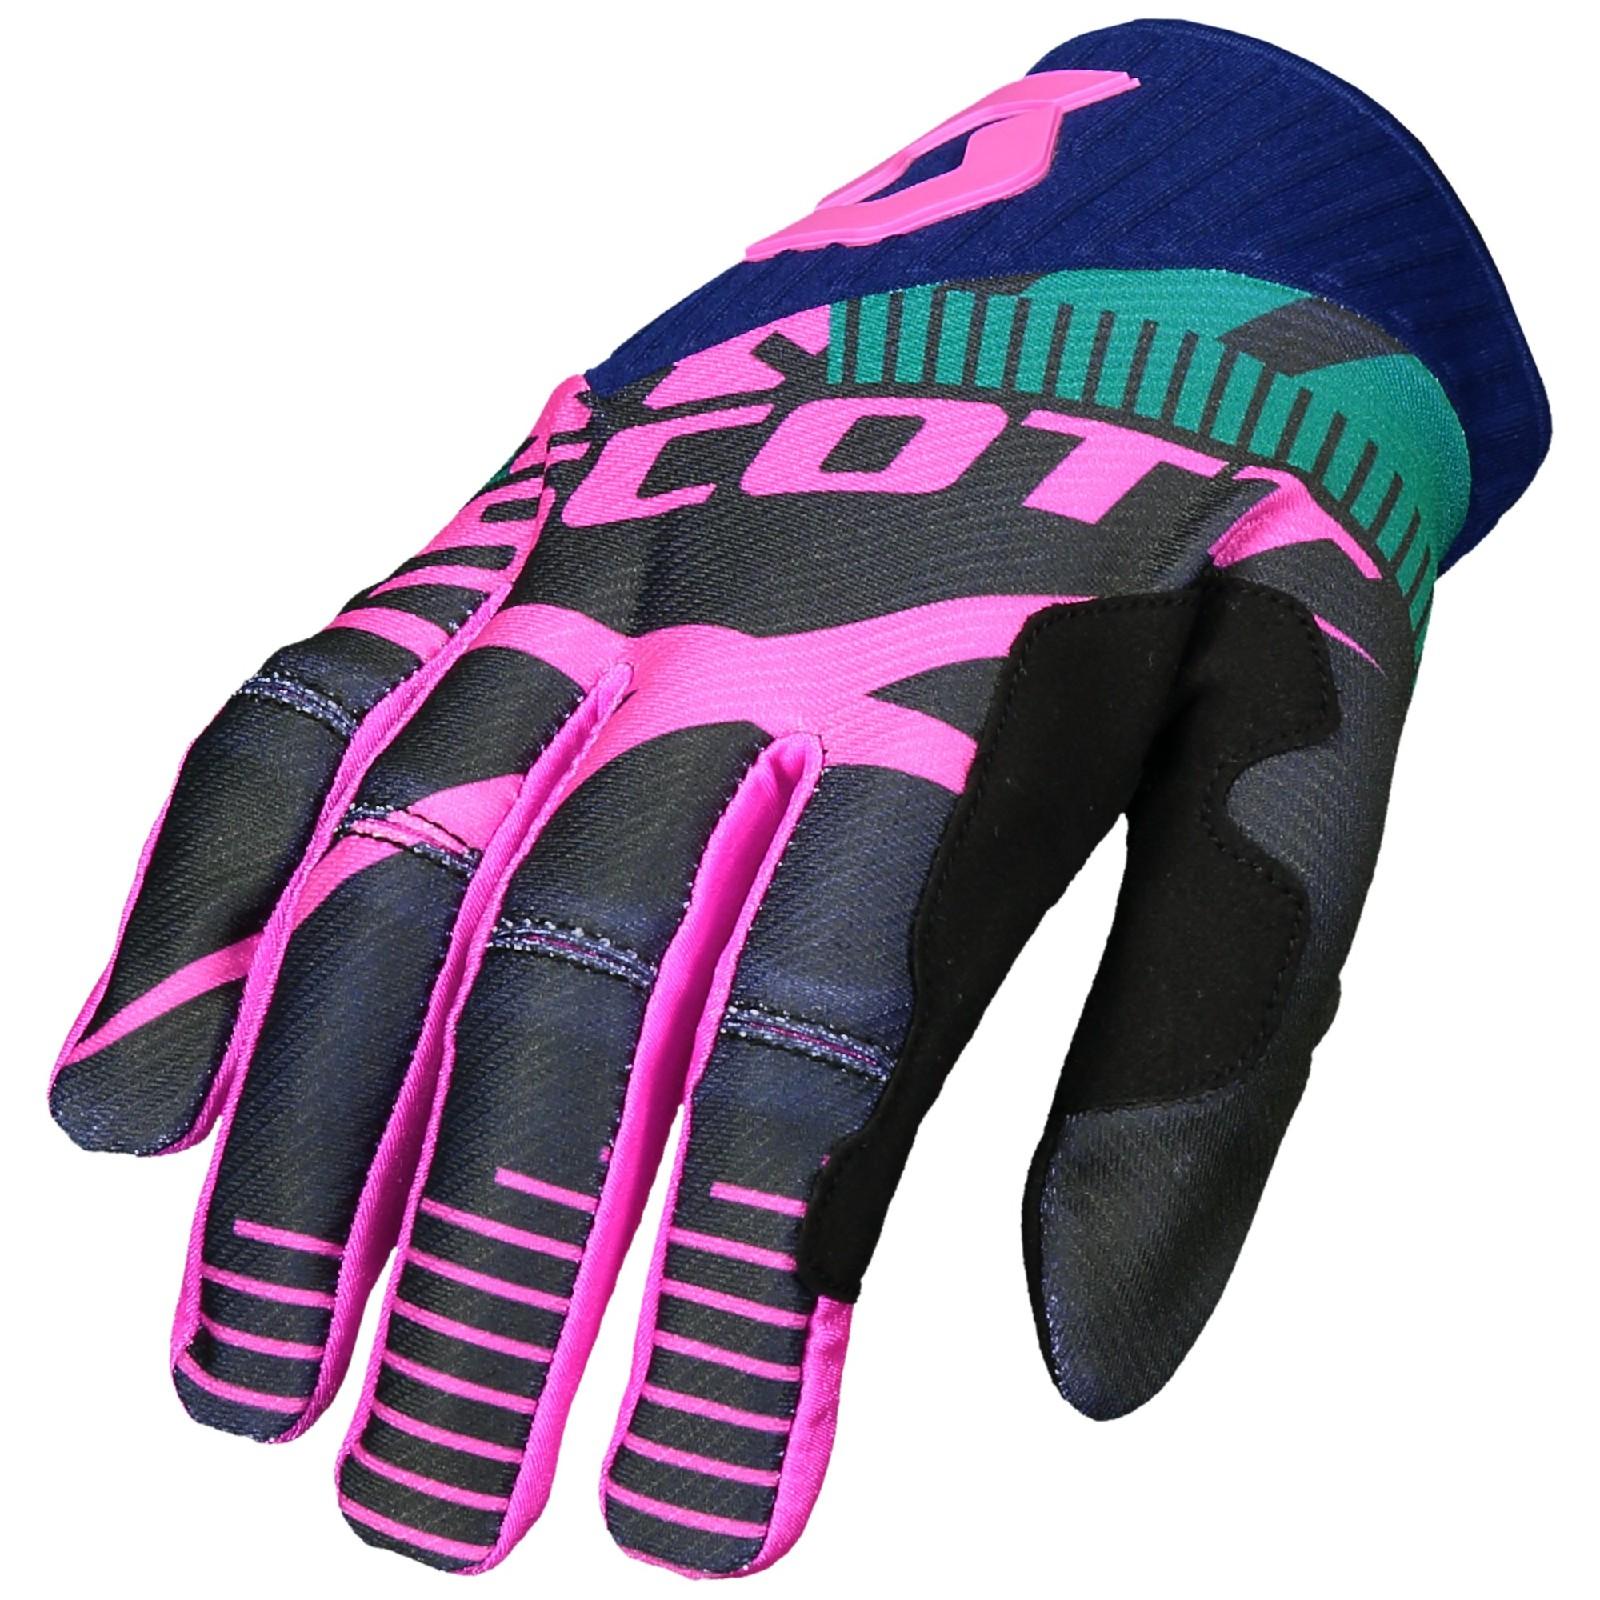 56399aab588 SCOTT 450 PATCHWORK Motocrossové rukavice - Bolder - Moto oblečení